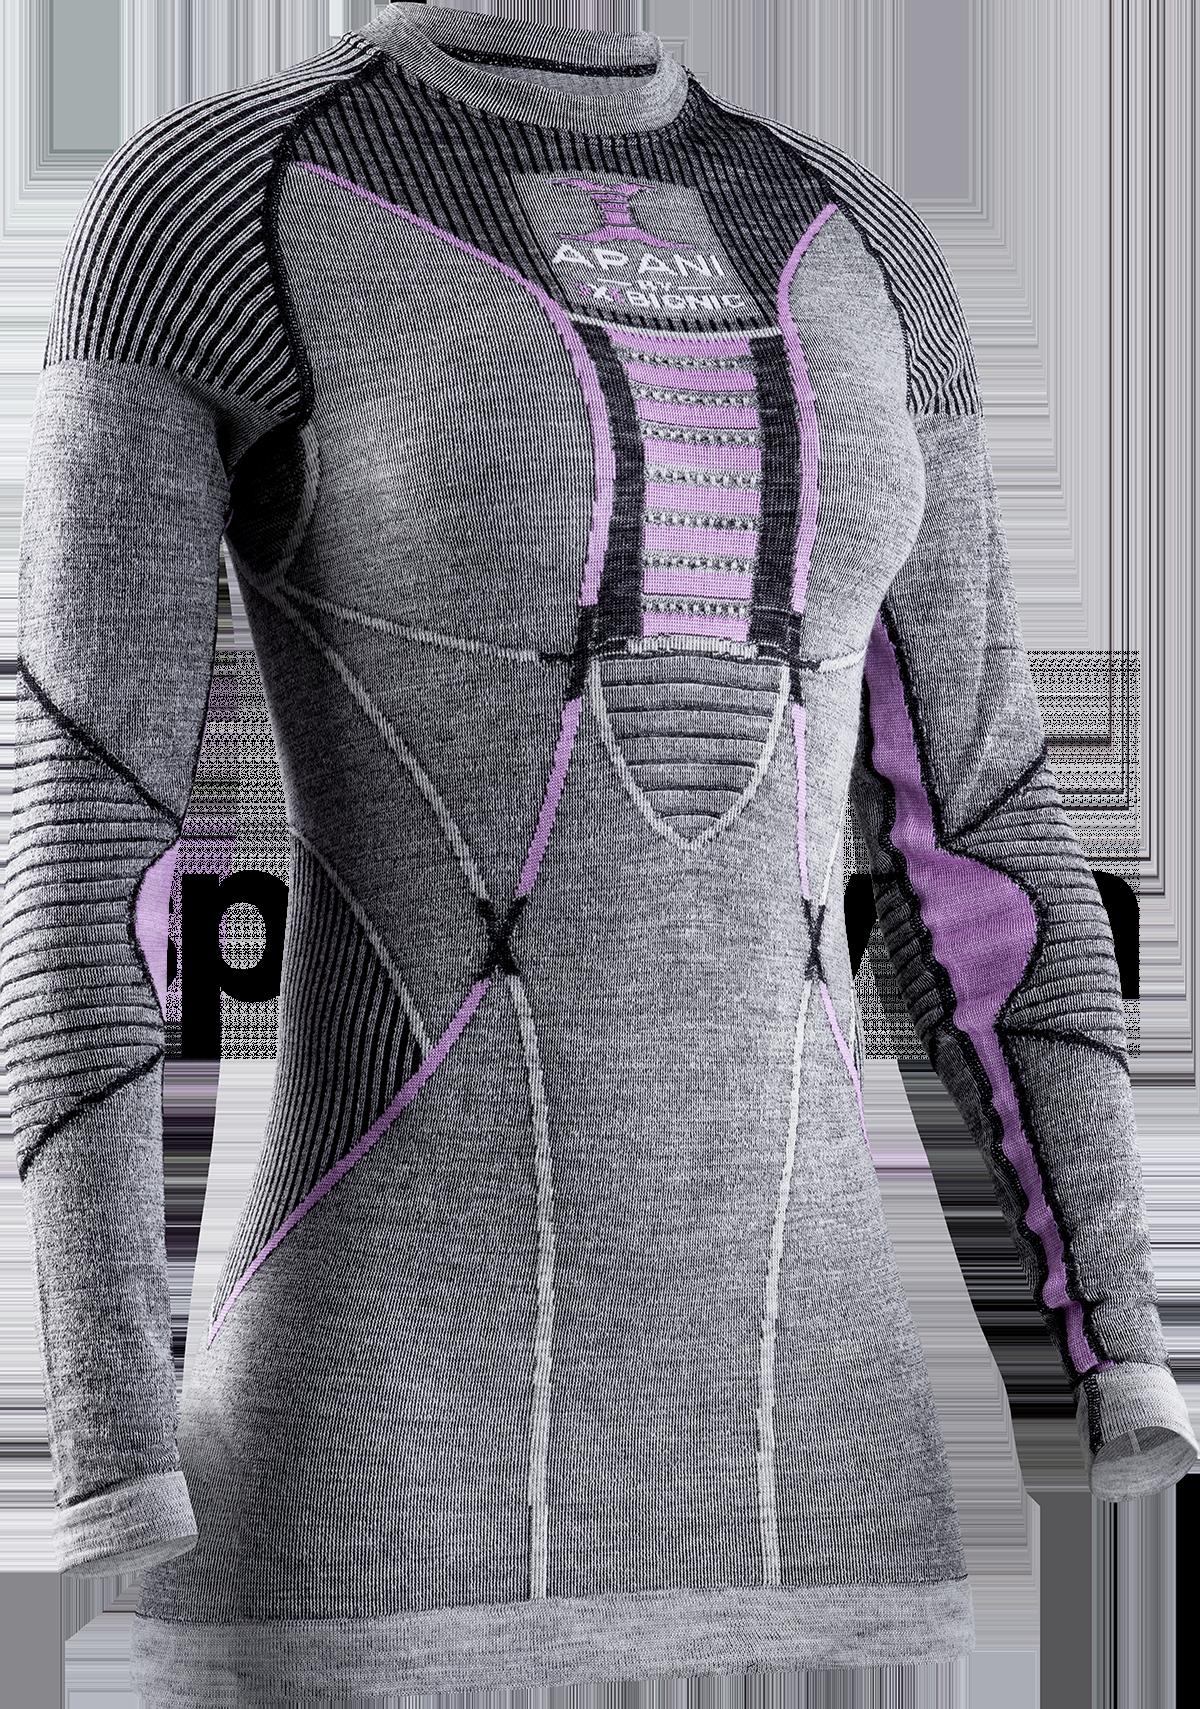 X-Bionic Apani 4.0 Merino Shirt Round Neck LG SL W